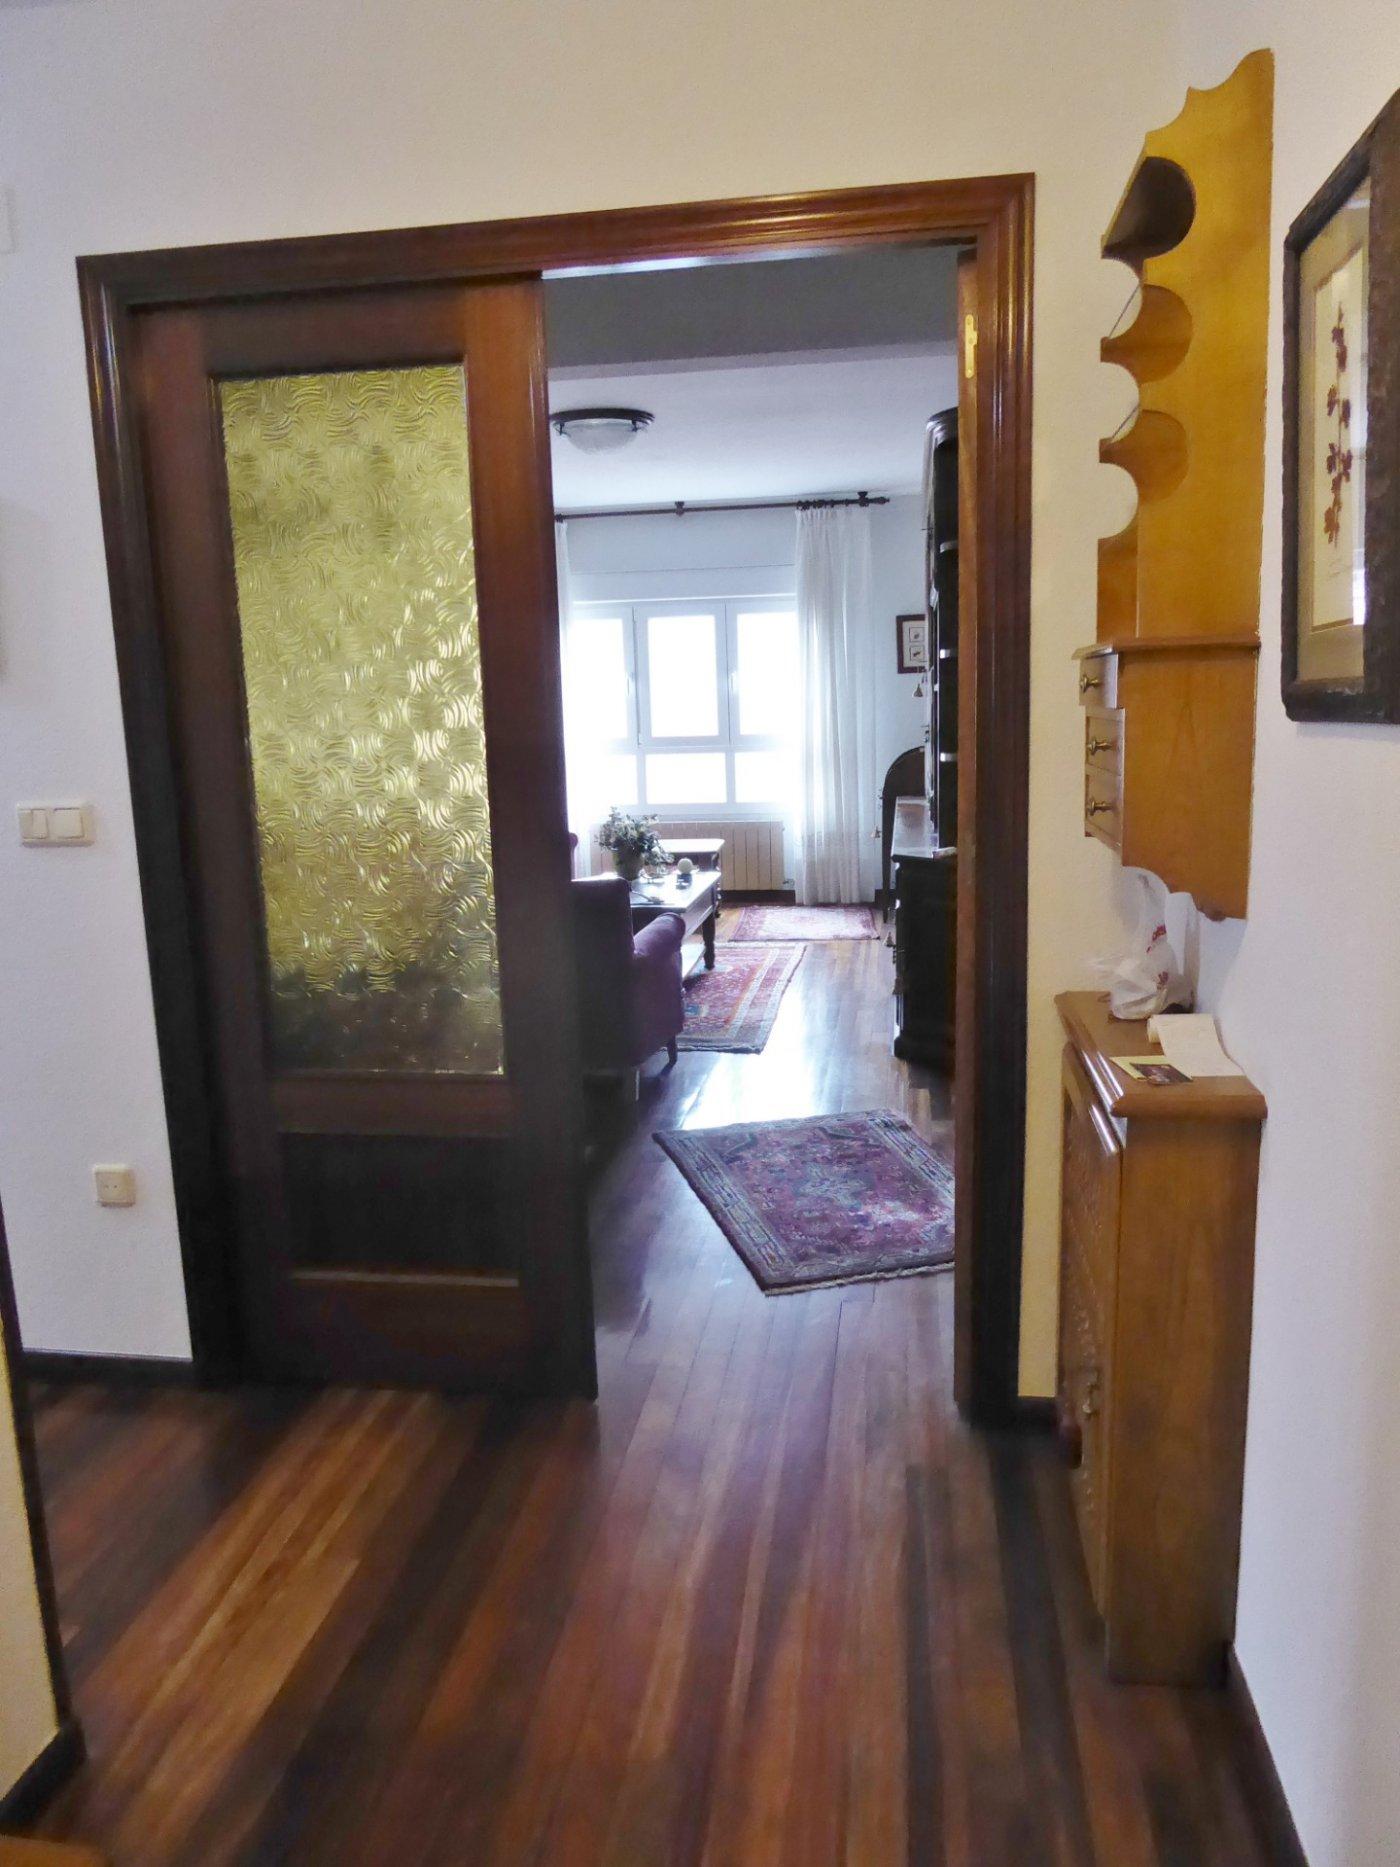 Alquiler de piso en gijon - imagenInmueble23